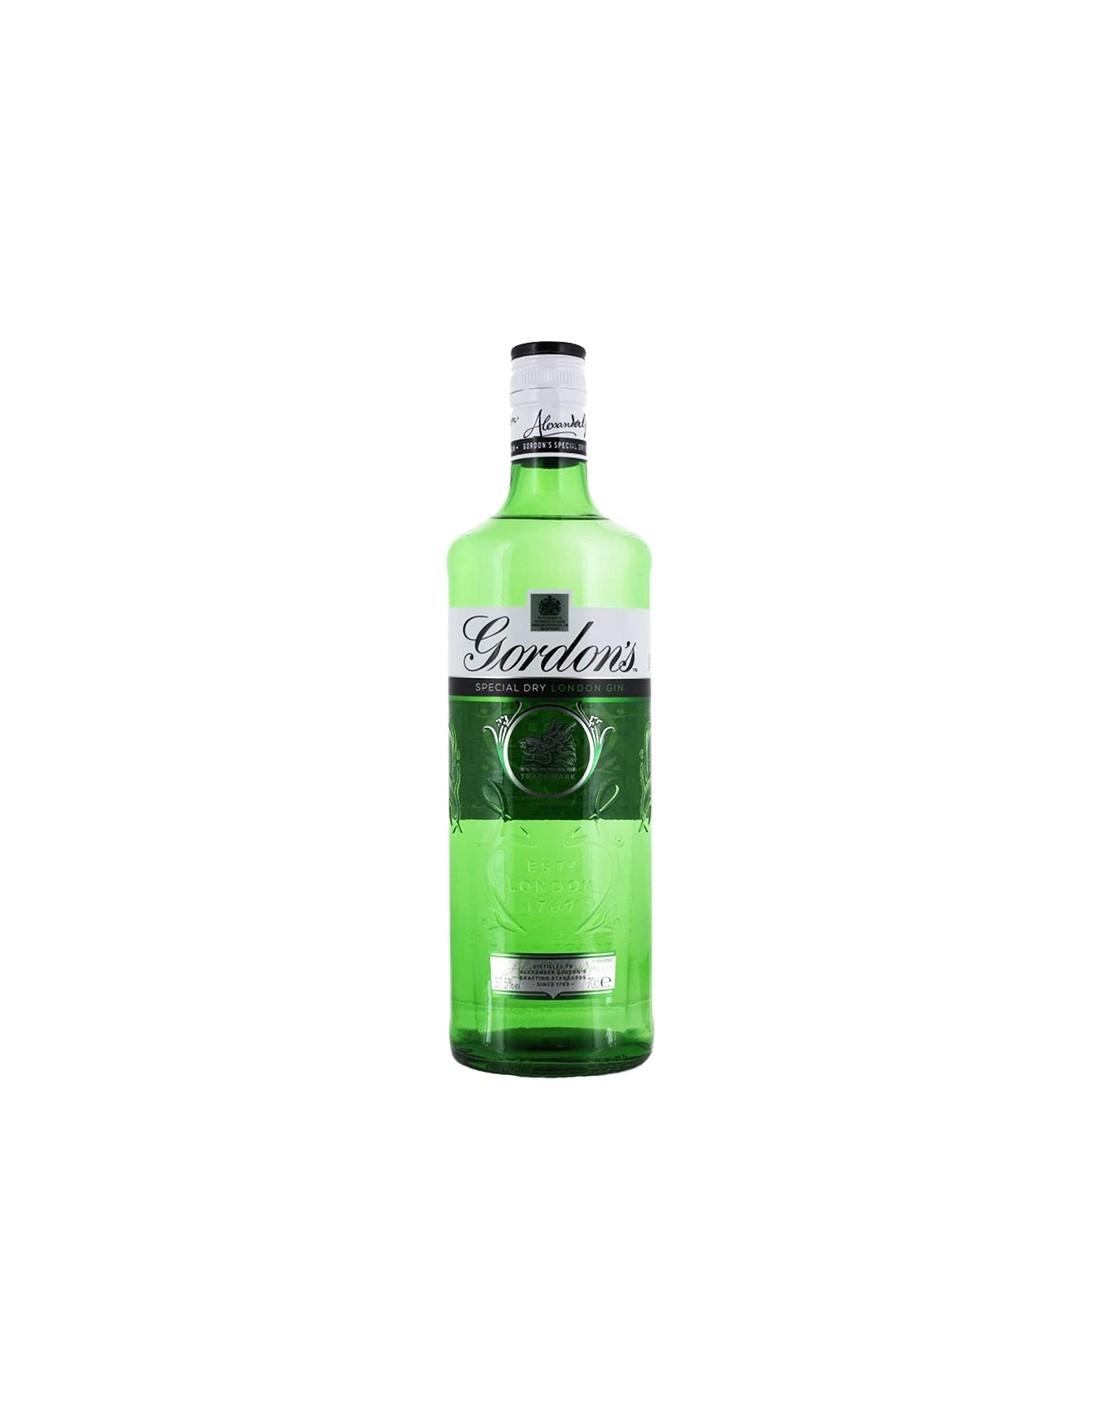 Gin Gordon's Green Label, 37.5% alc., 0.7L, Anglia